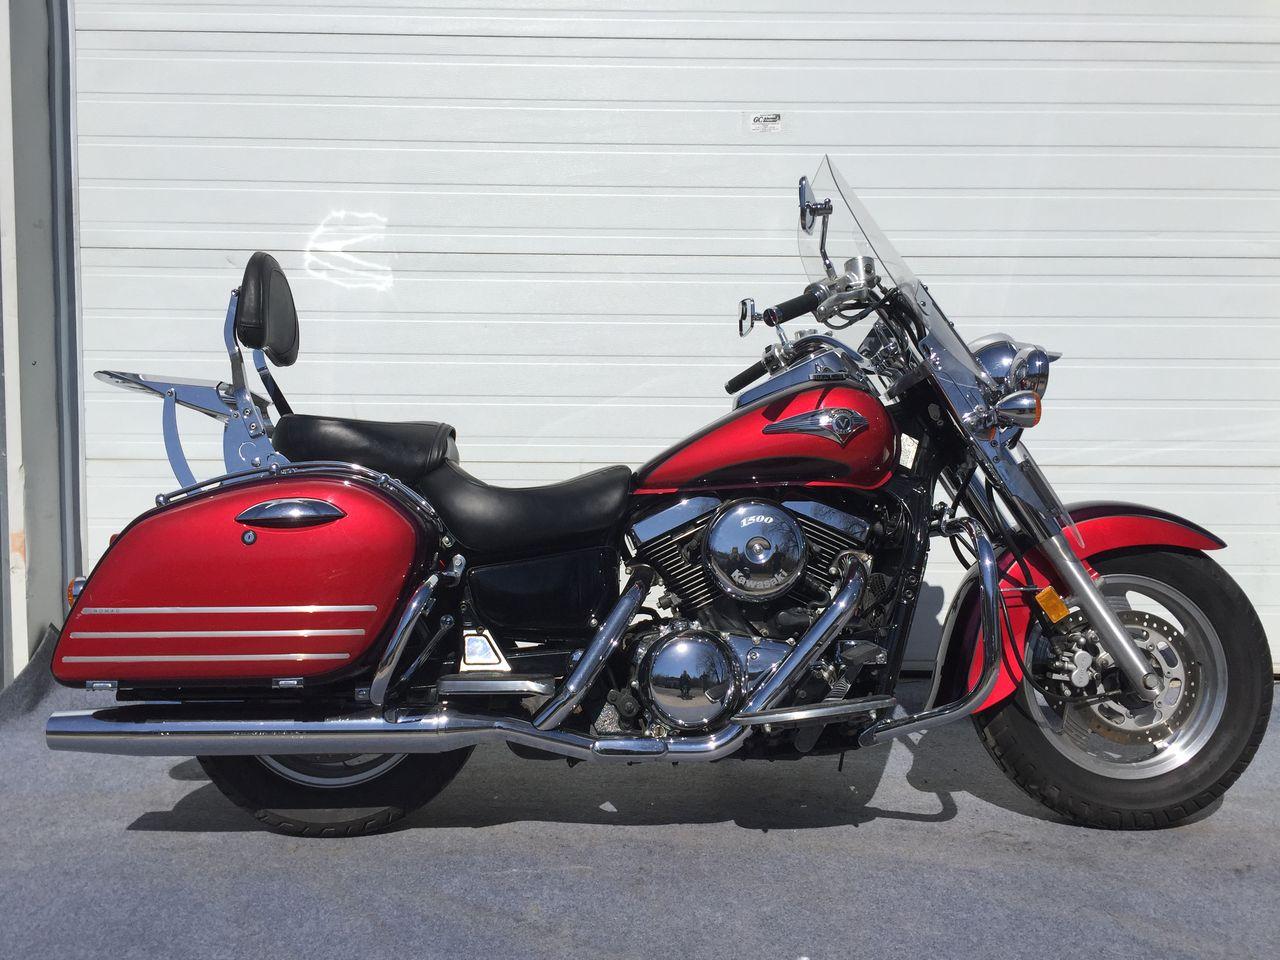 1999 Kawasaki VN1500 Nomad